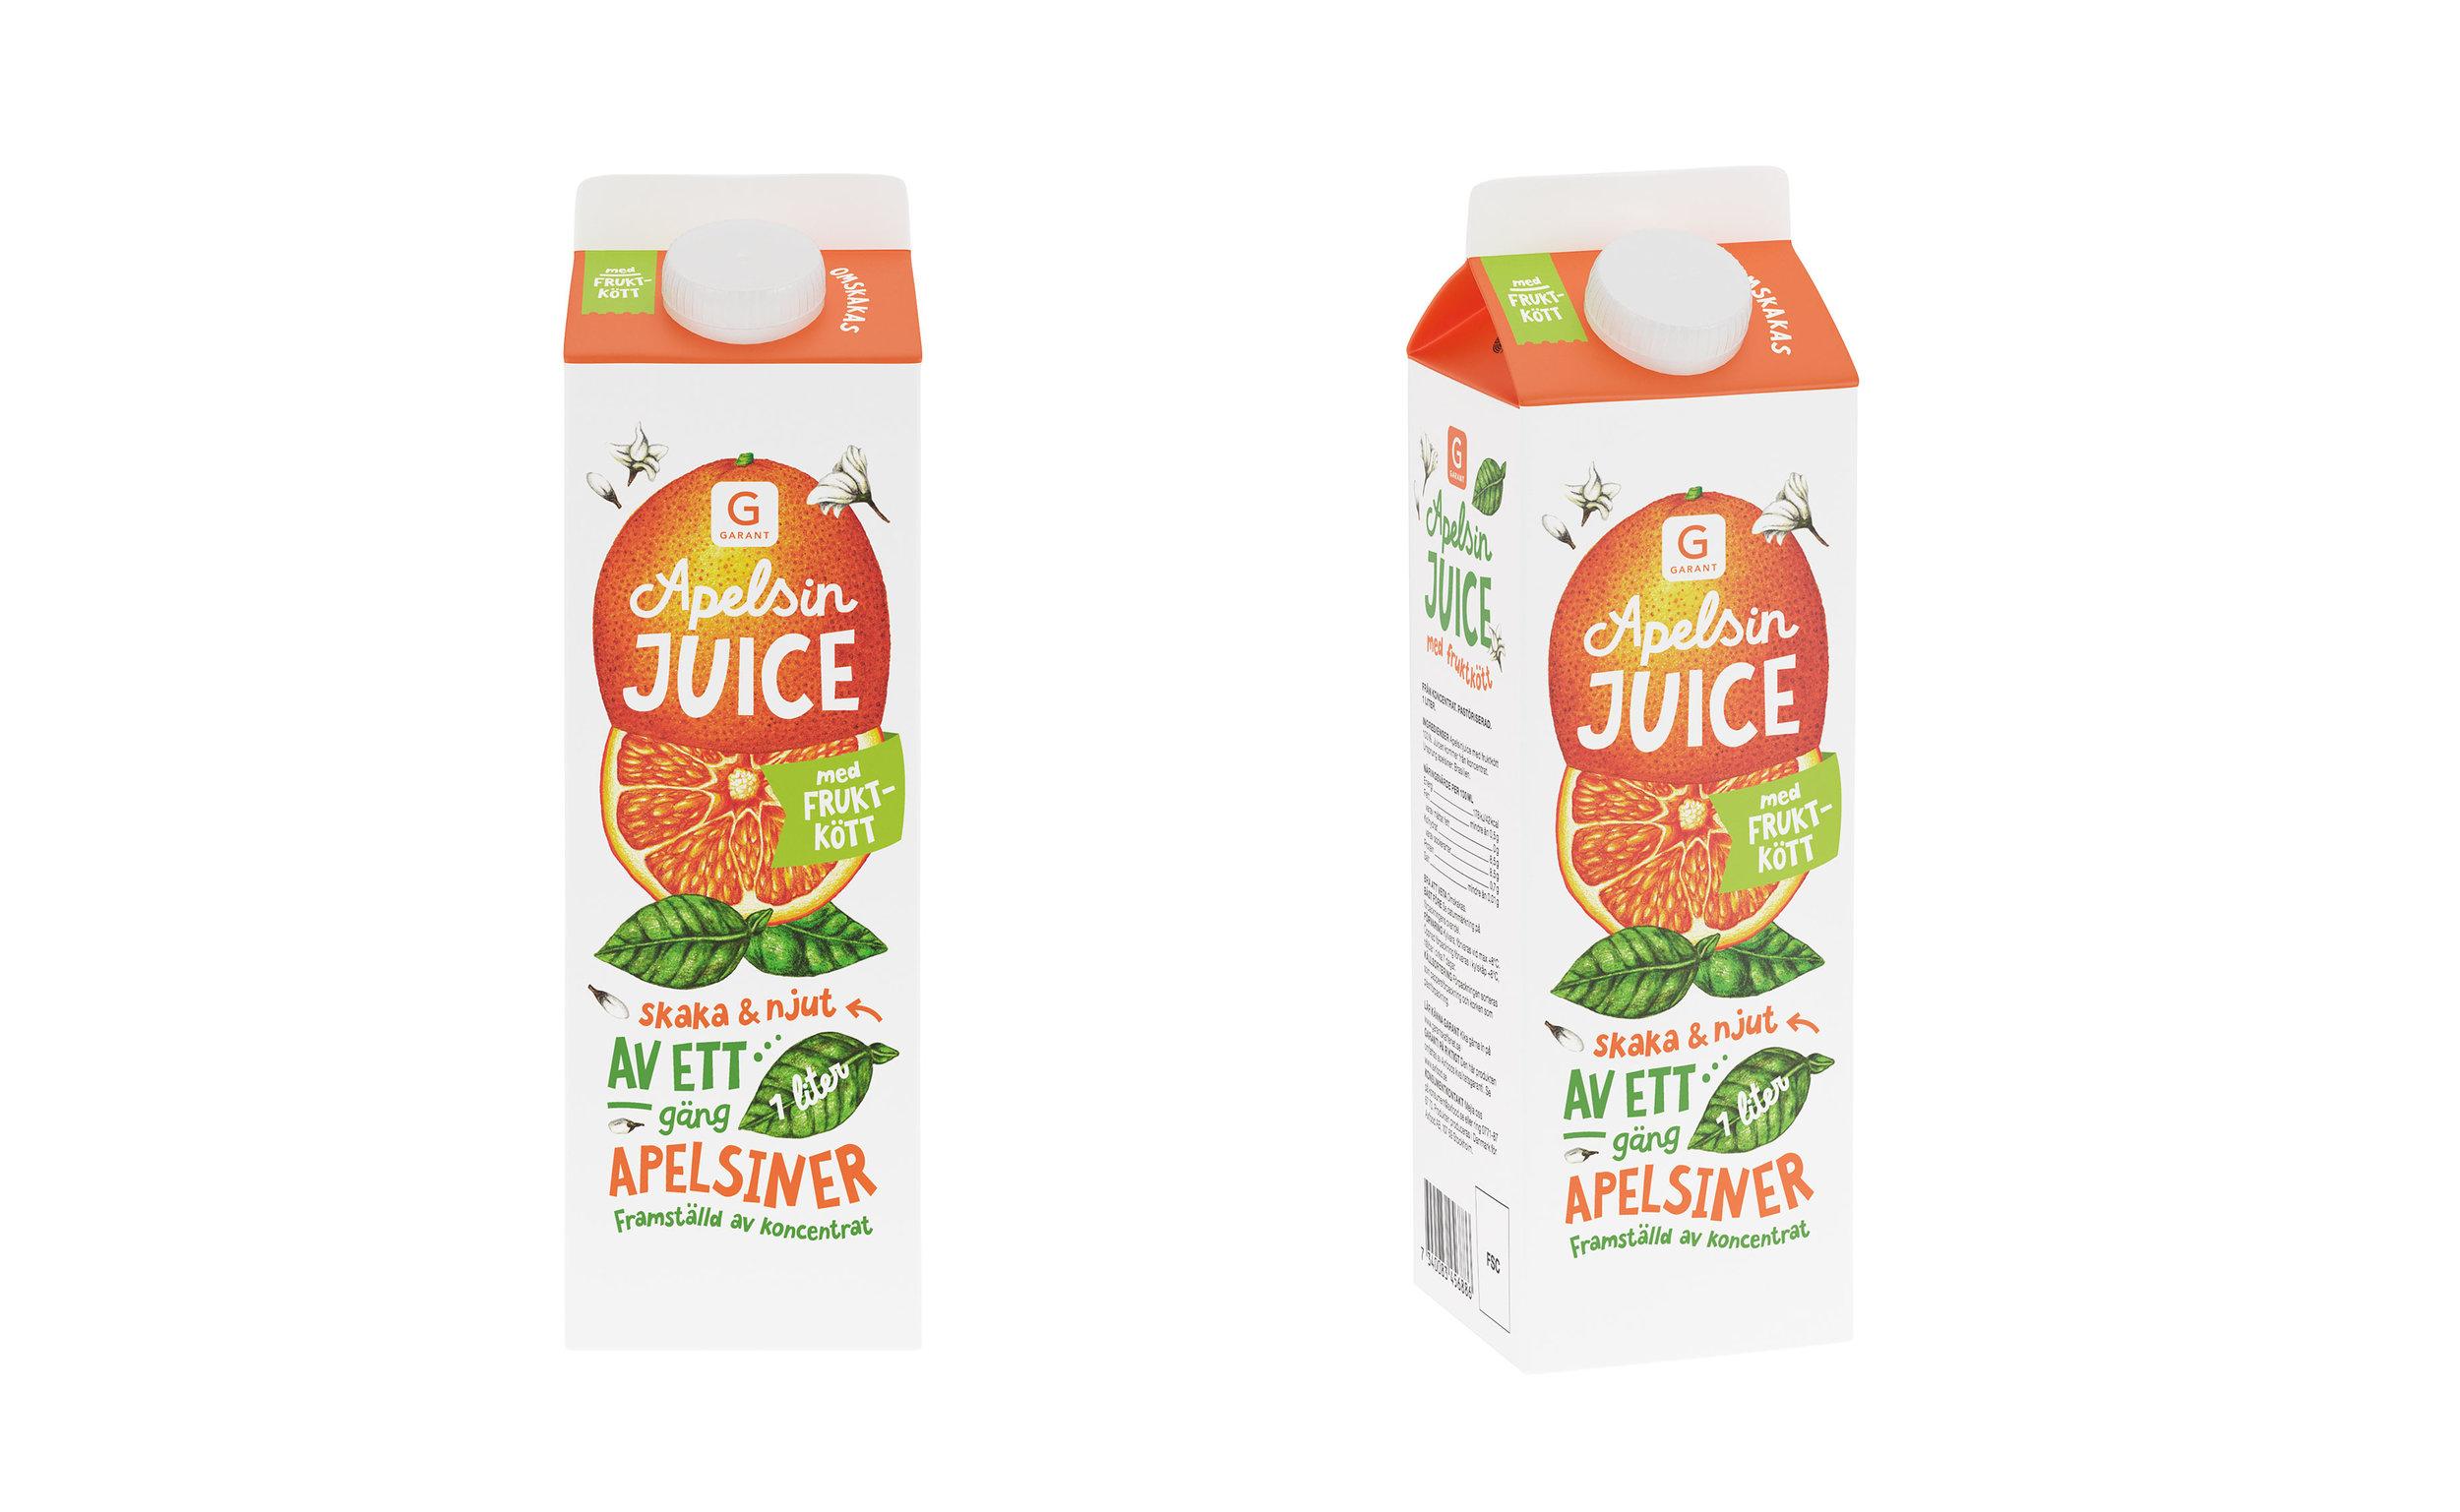 Juicer_apelsin_1_m.jpg